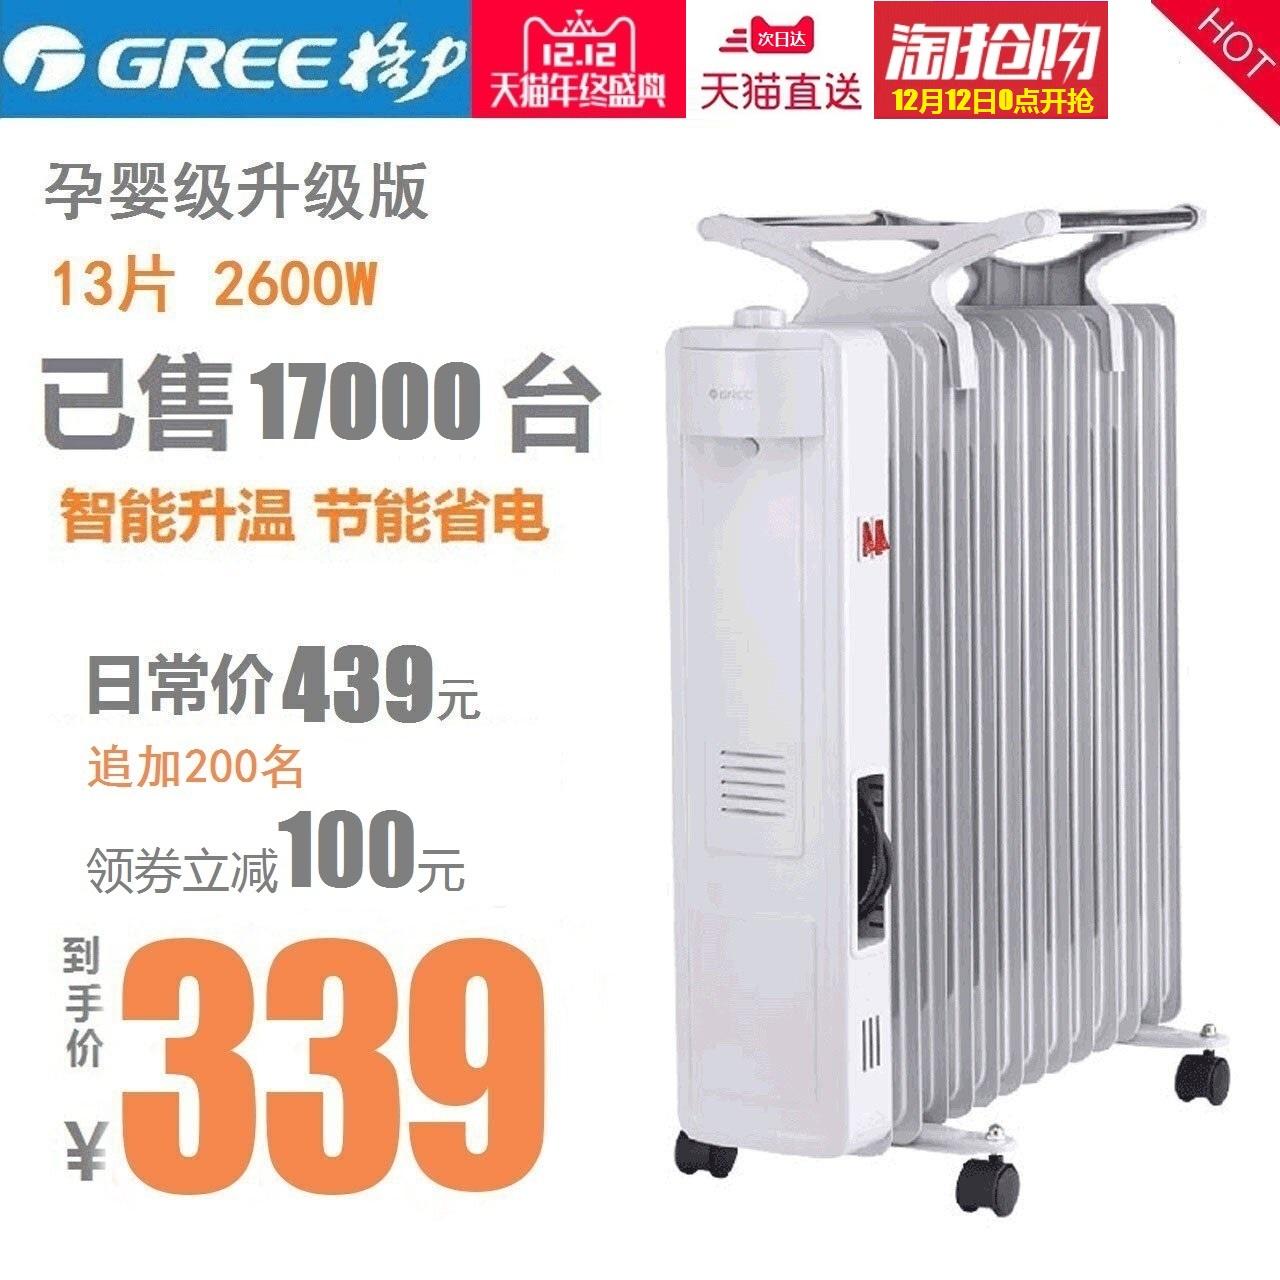 格力油汀取暖器家用电暖器办公室电暖气节能省电13片电热油丁暖炉